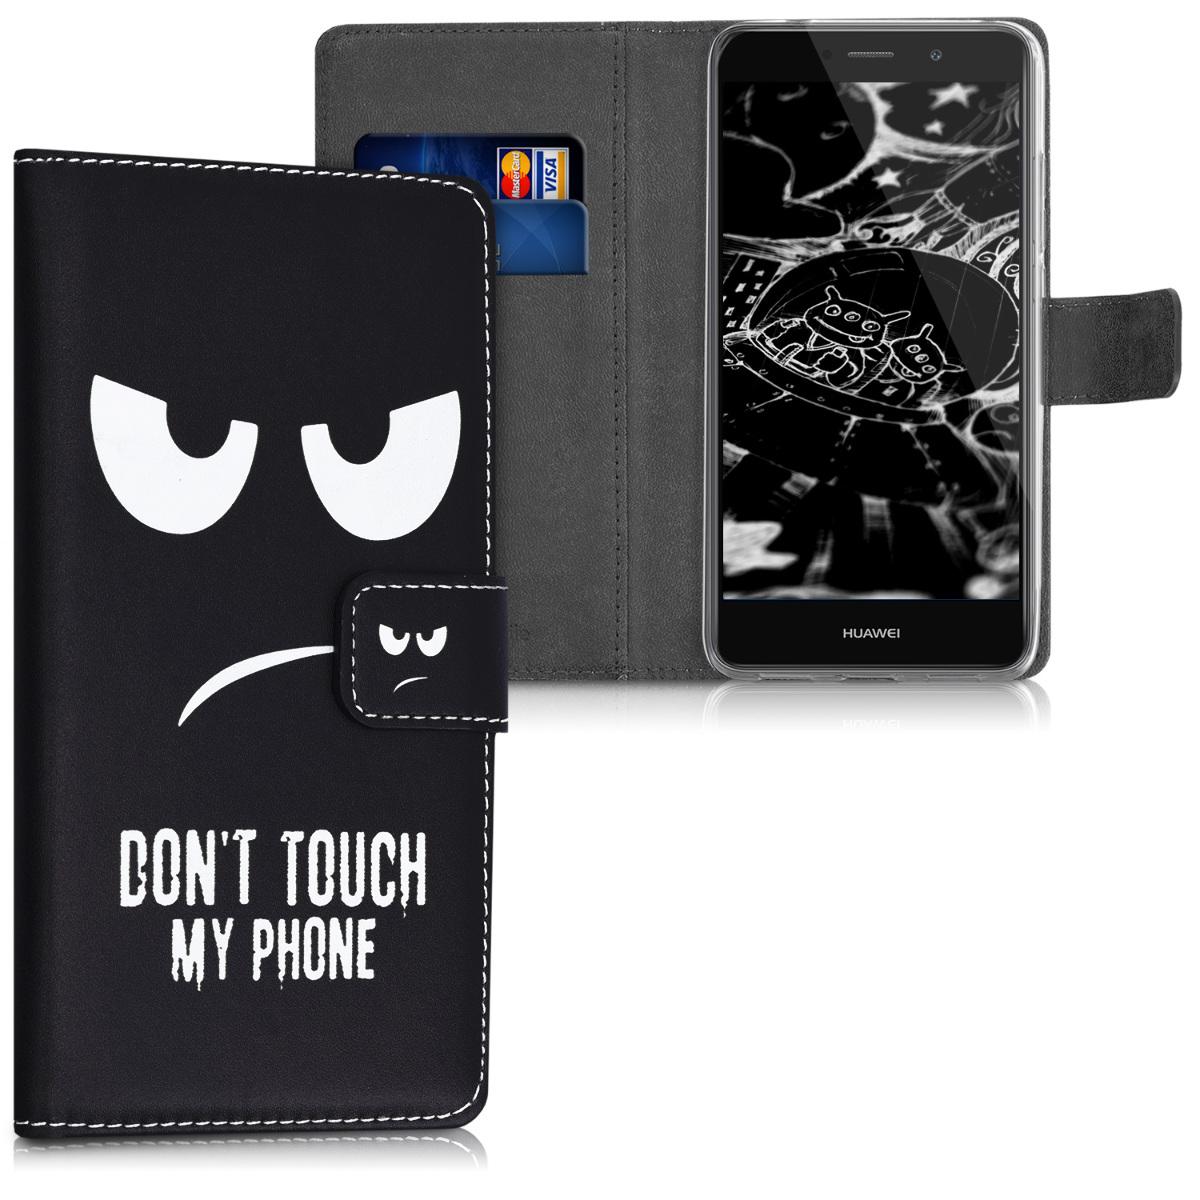 KW Θήκη - Πορτοφόλι Huawei Y7 / Y7 Prime 2017 - Don't Touch My Phone (42688.01)